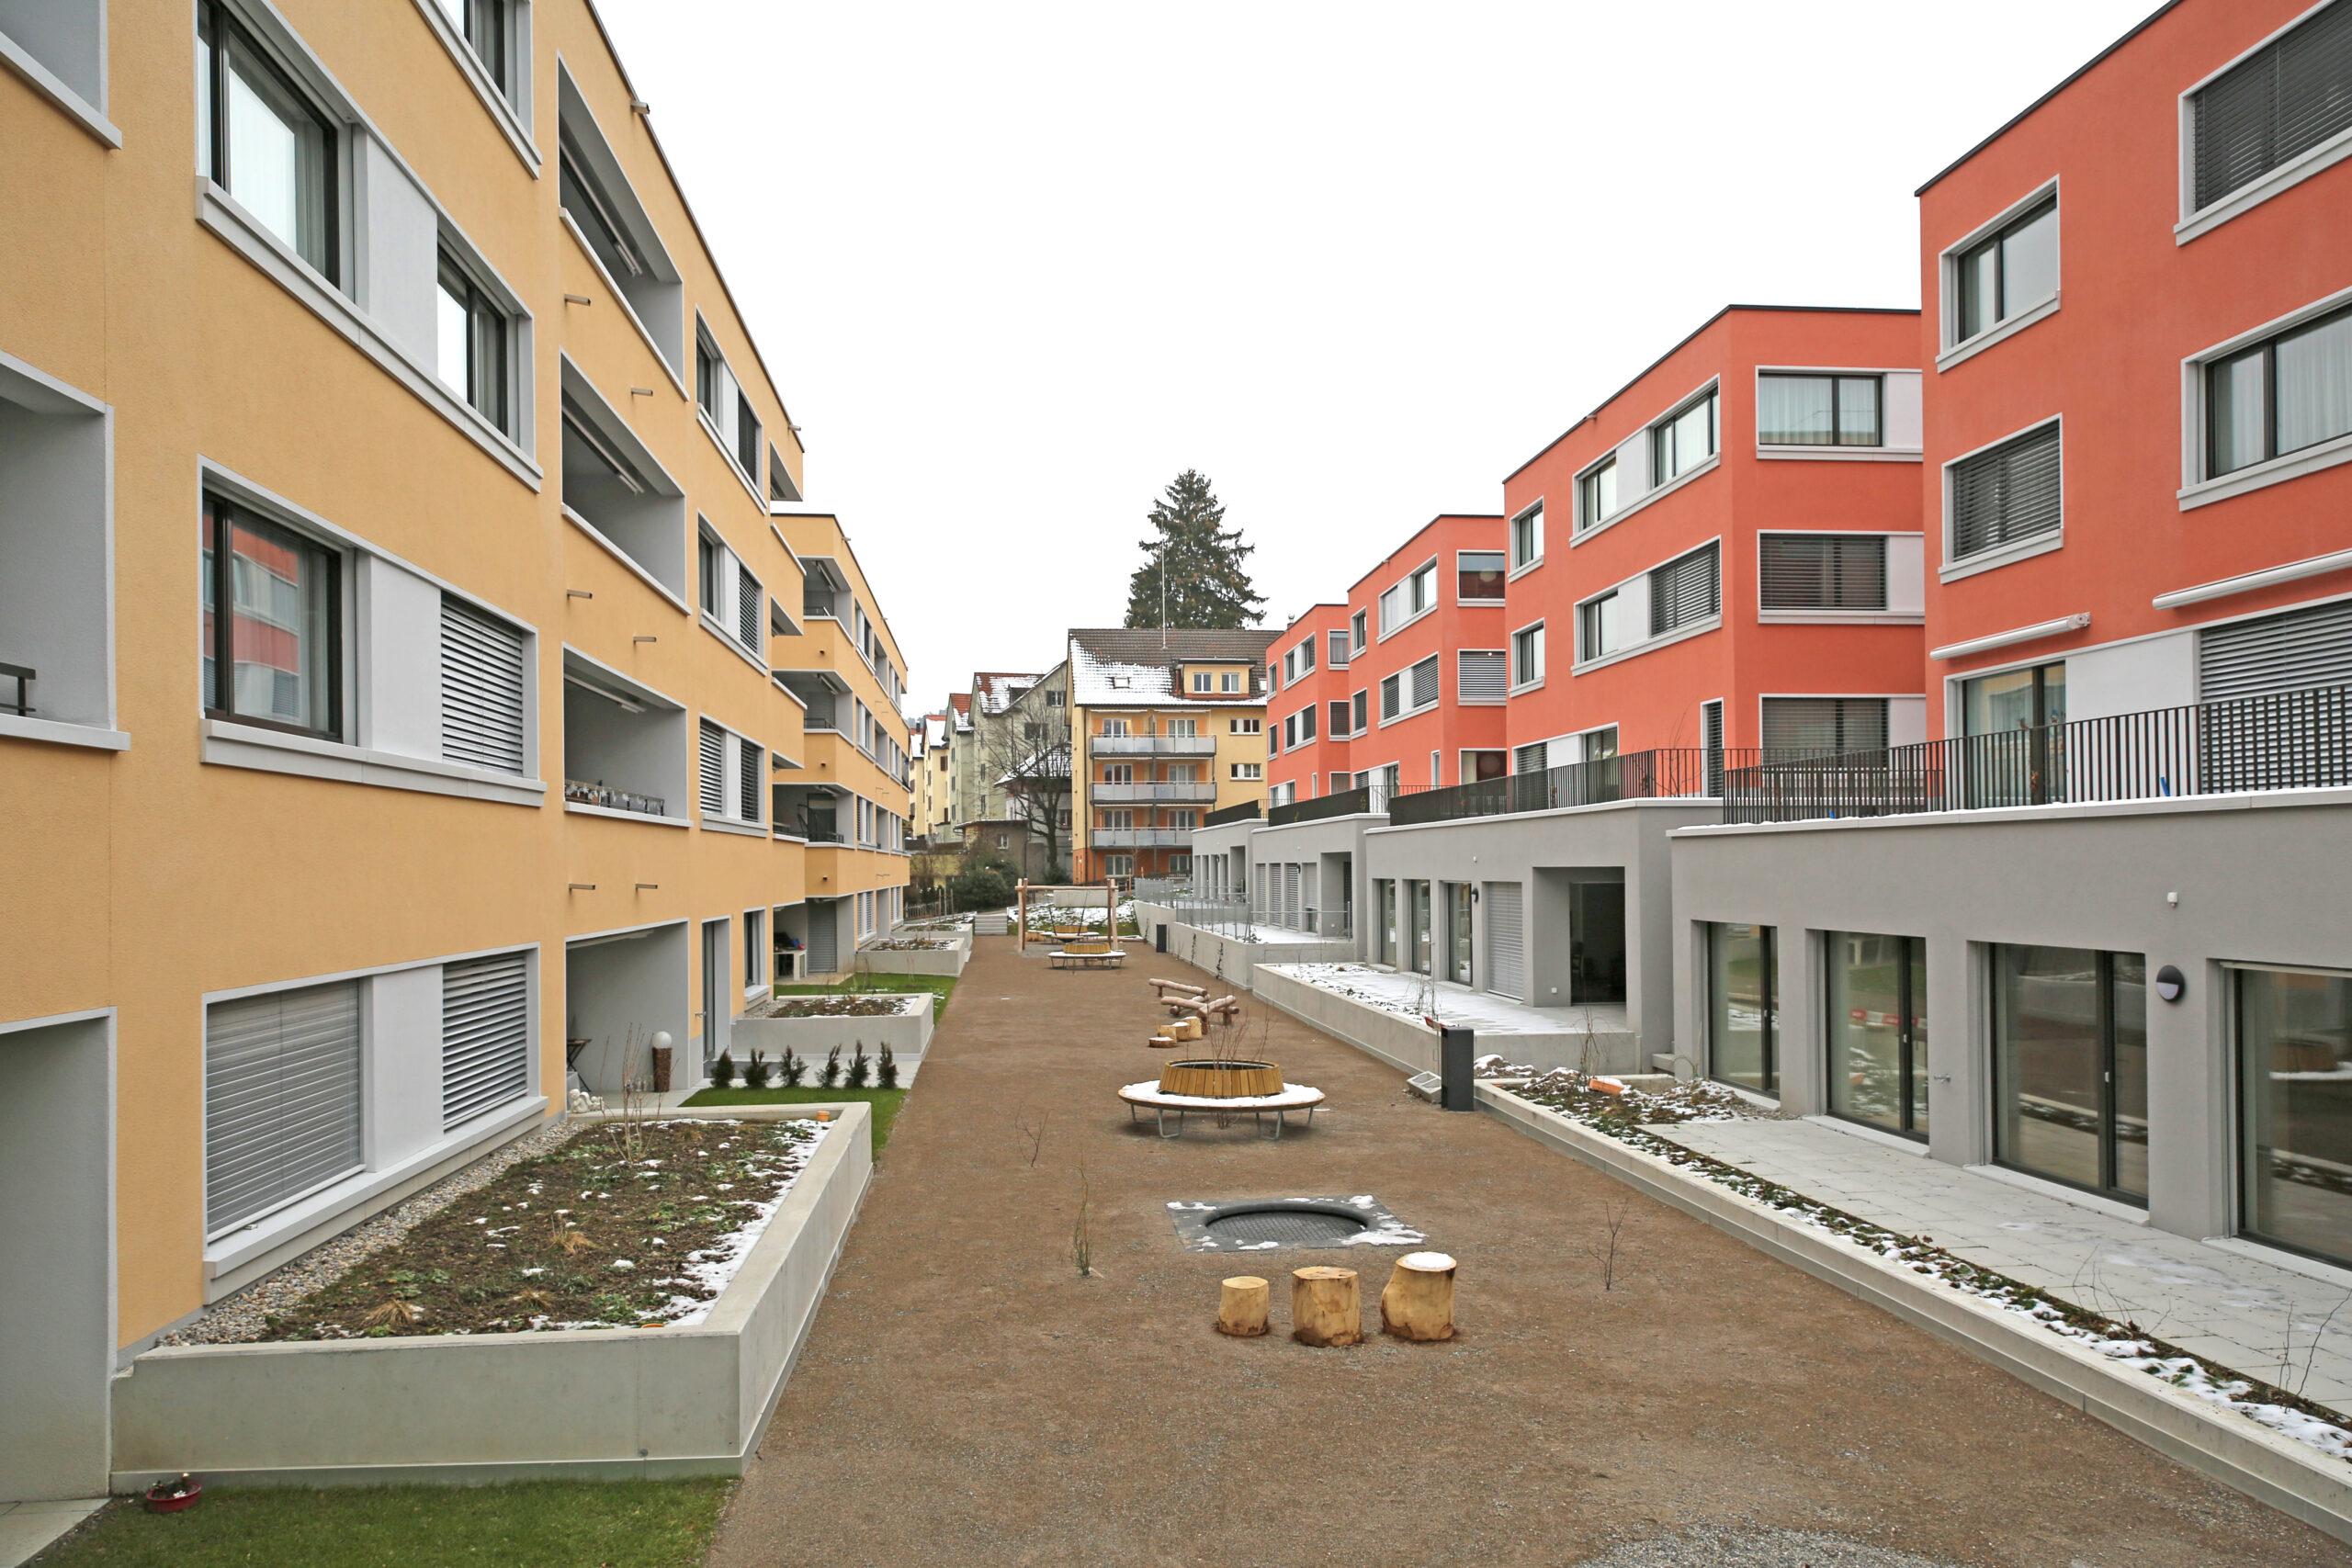 Wohnüberbauung Steingrüebli St. Gallen